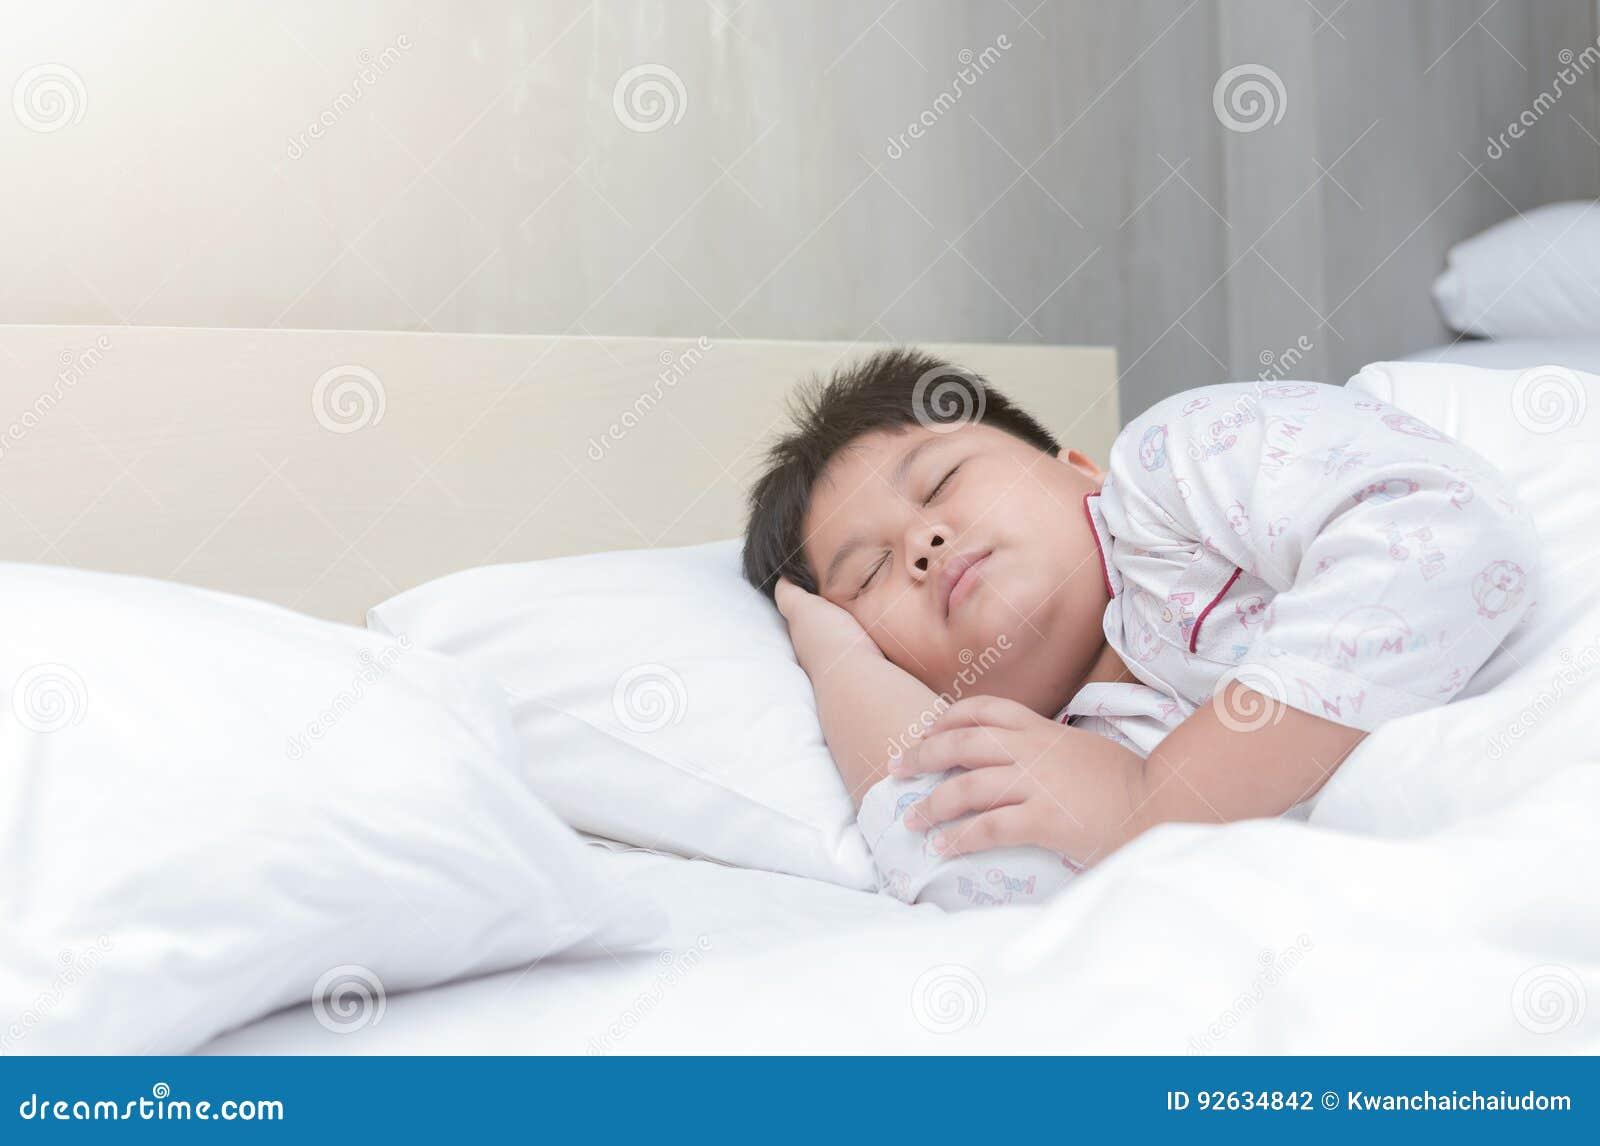 Fat boy sleep on bed